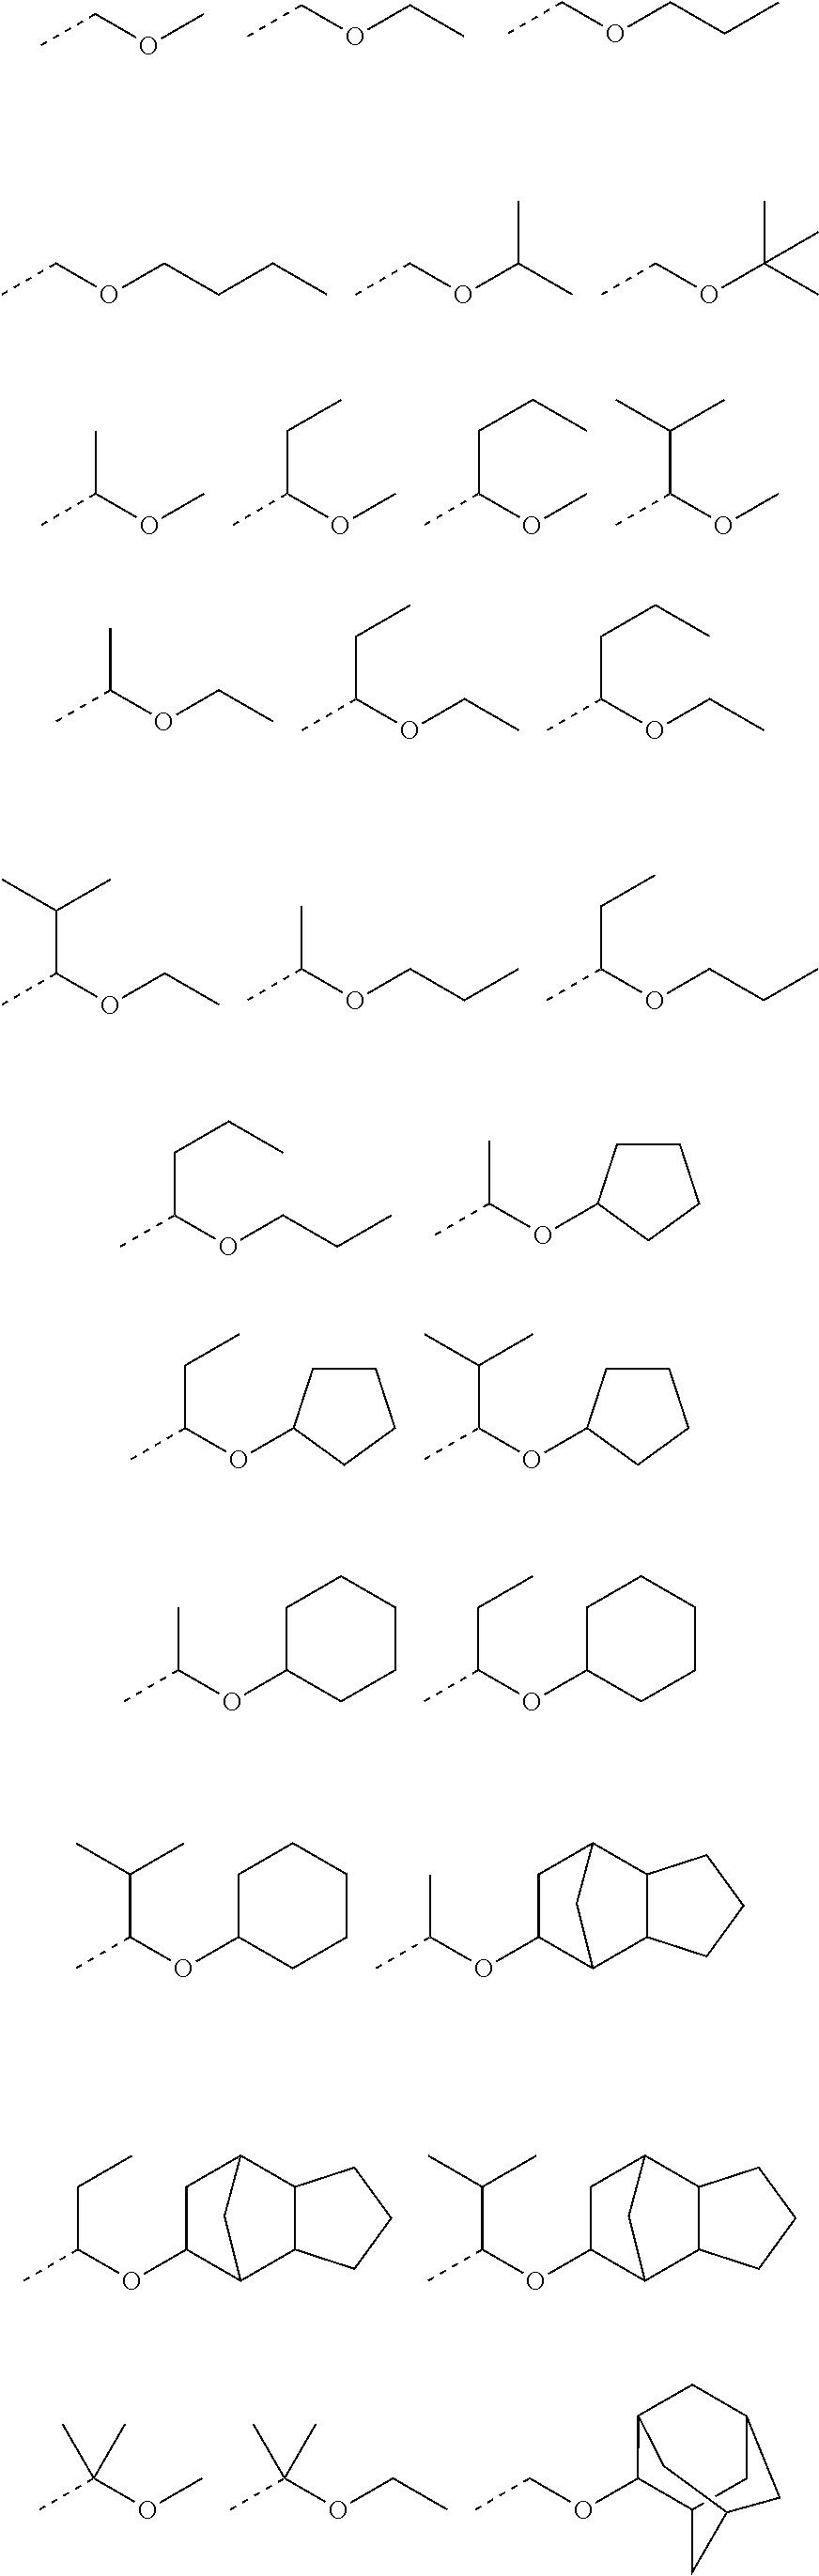 Figure US08900793-20141202-C00030